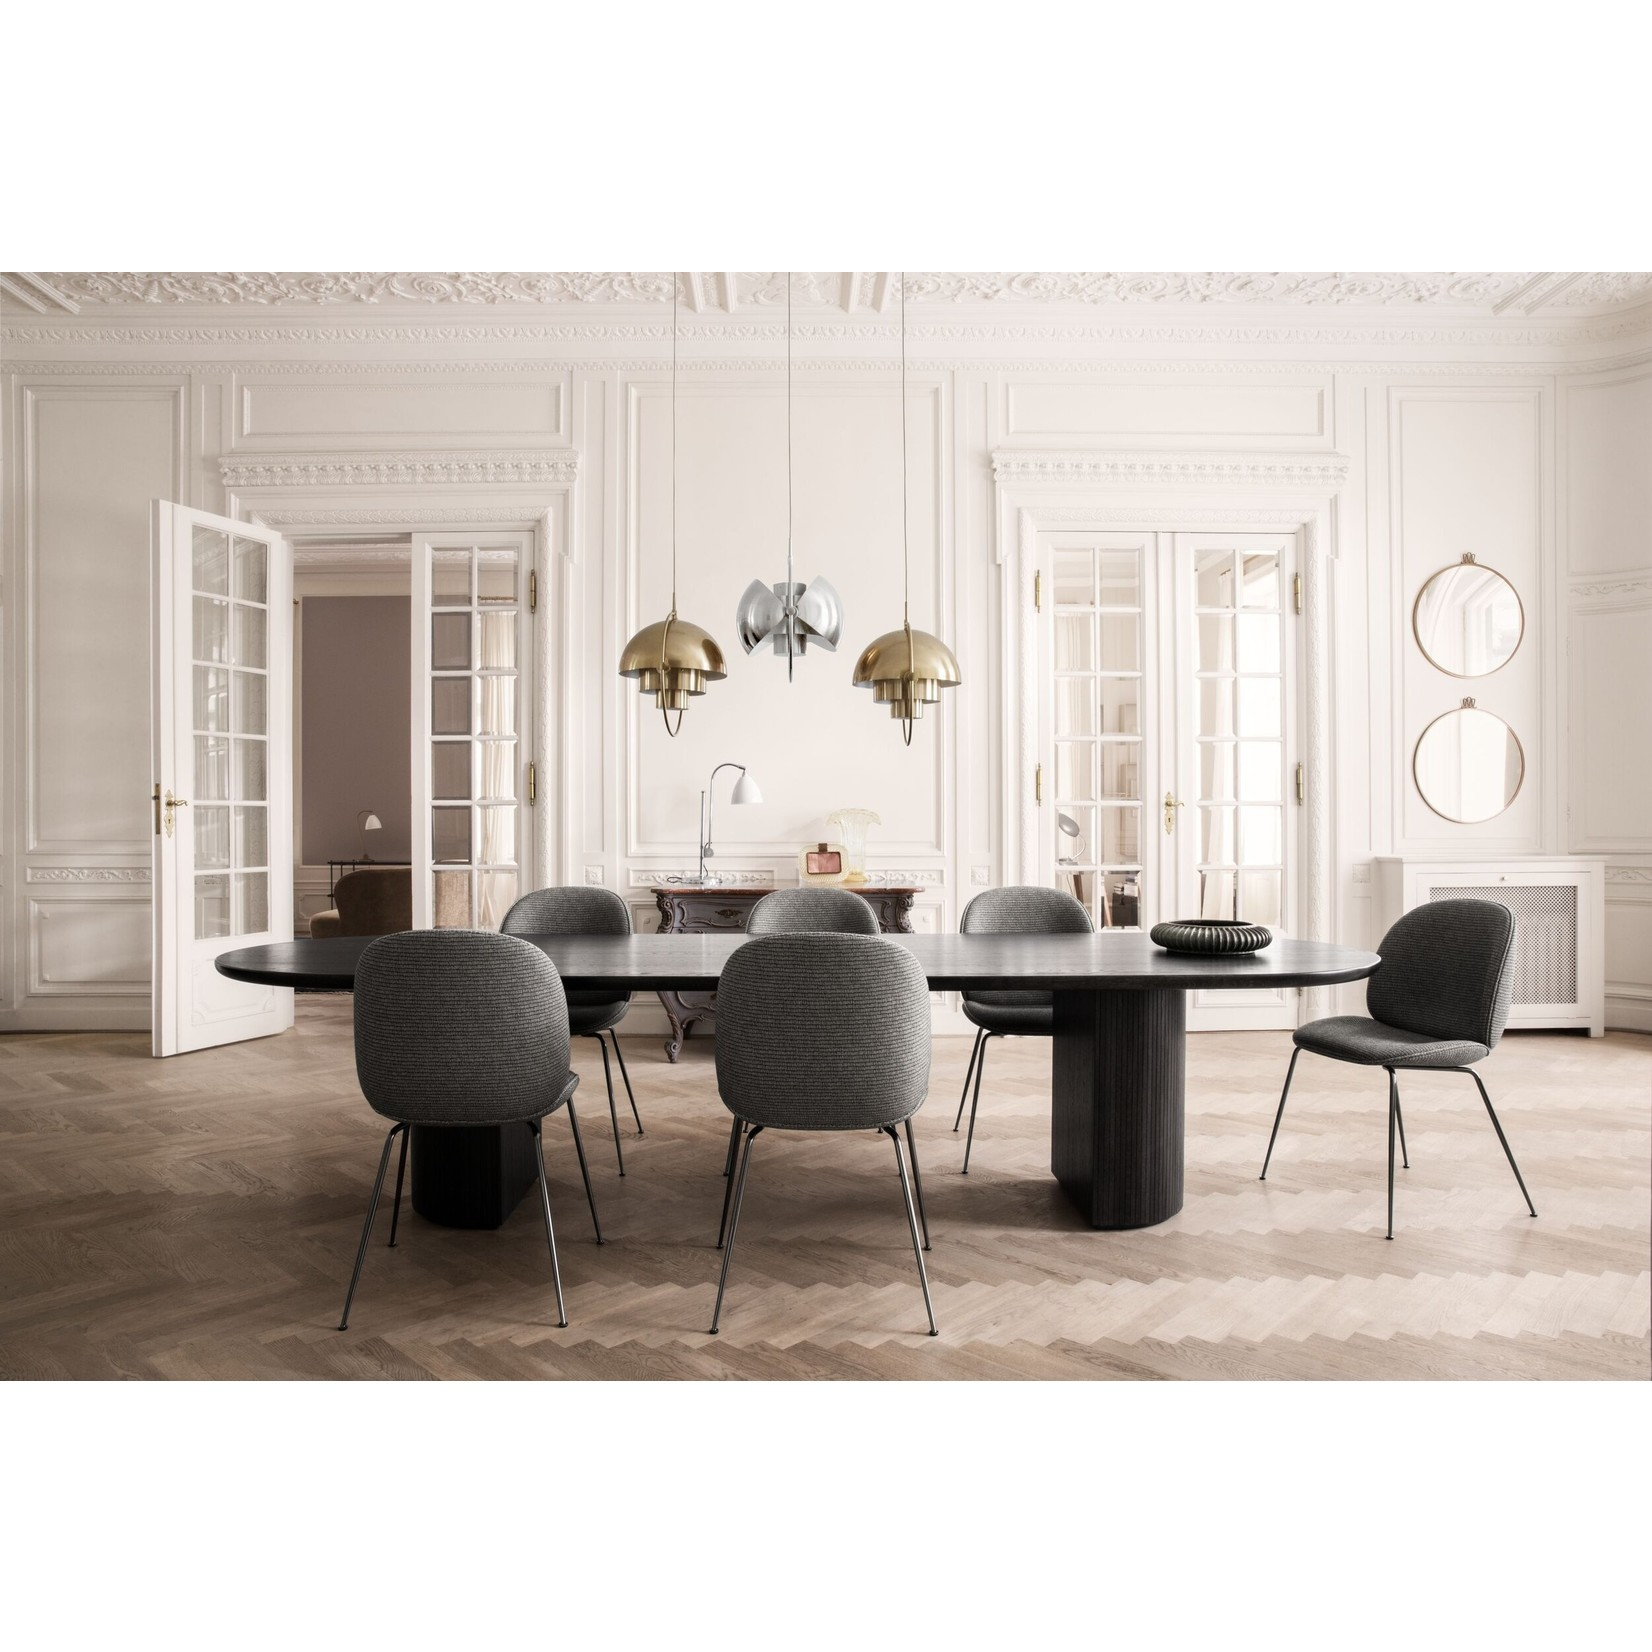 Gubi Table à manger Moon - Elliptique 300x105